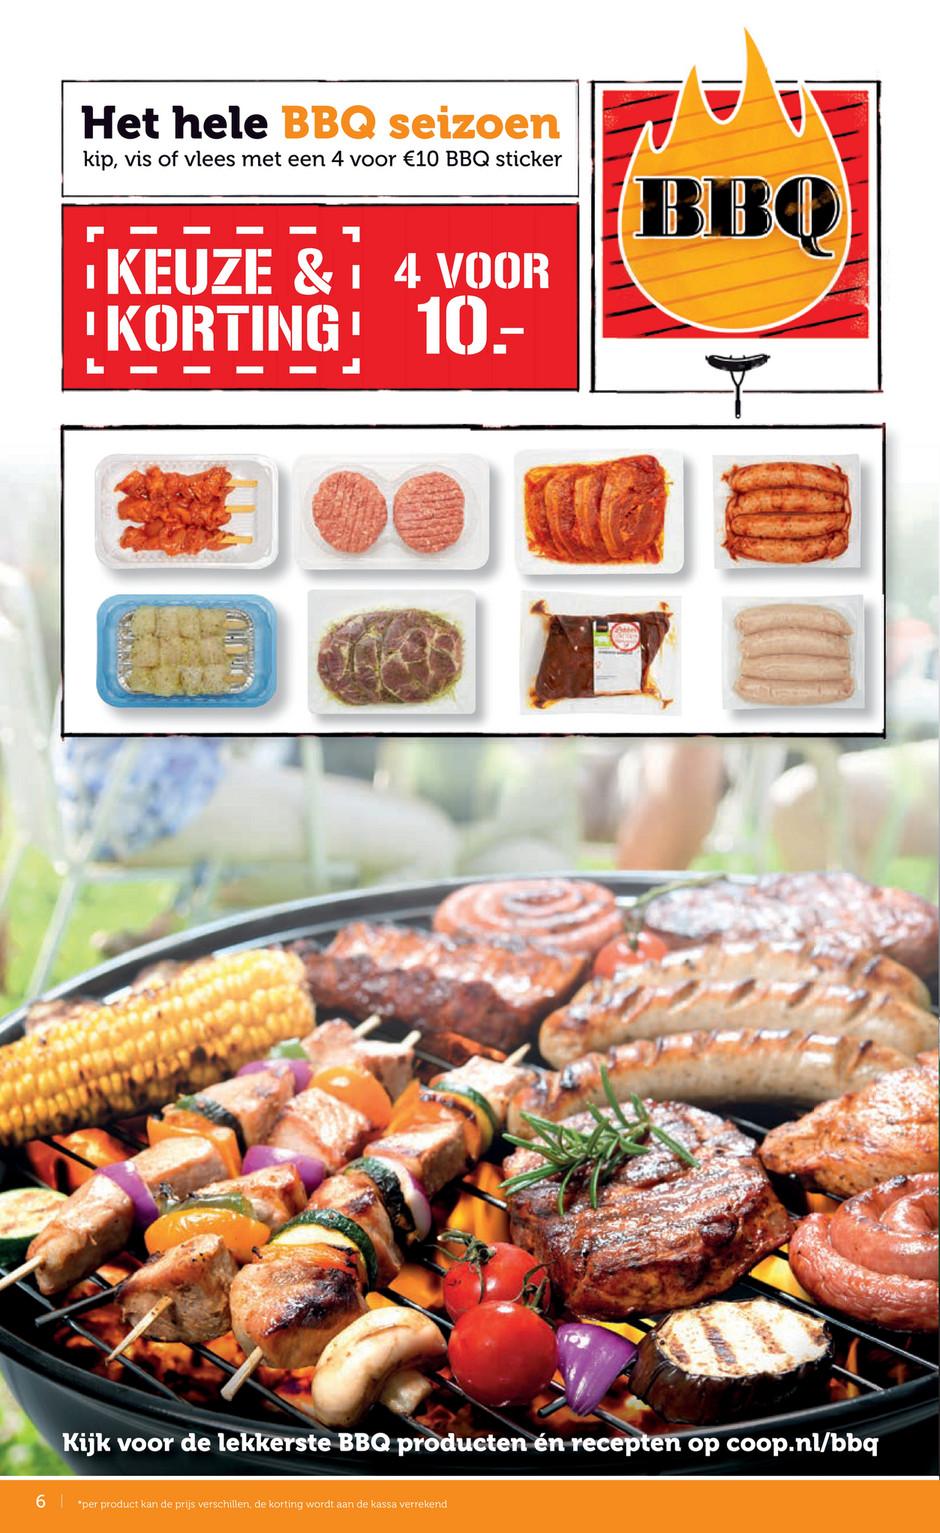 barbecuevlees folder aanbieding bij Coop details